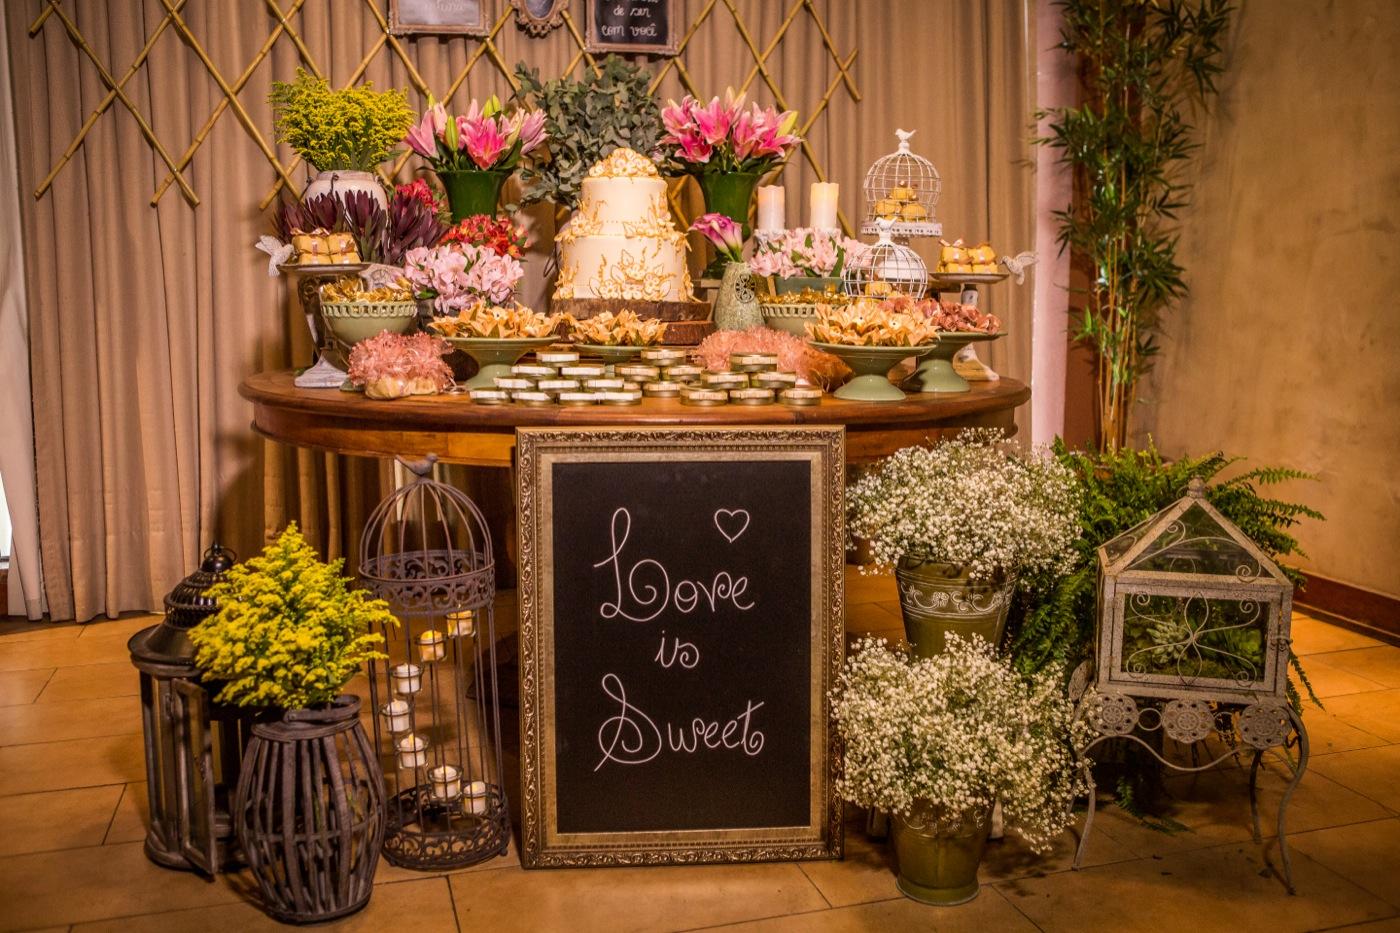 Miniwedding: Como organizar um casamento pequeno e charmoso